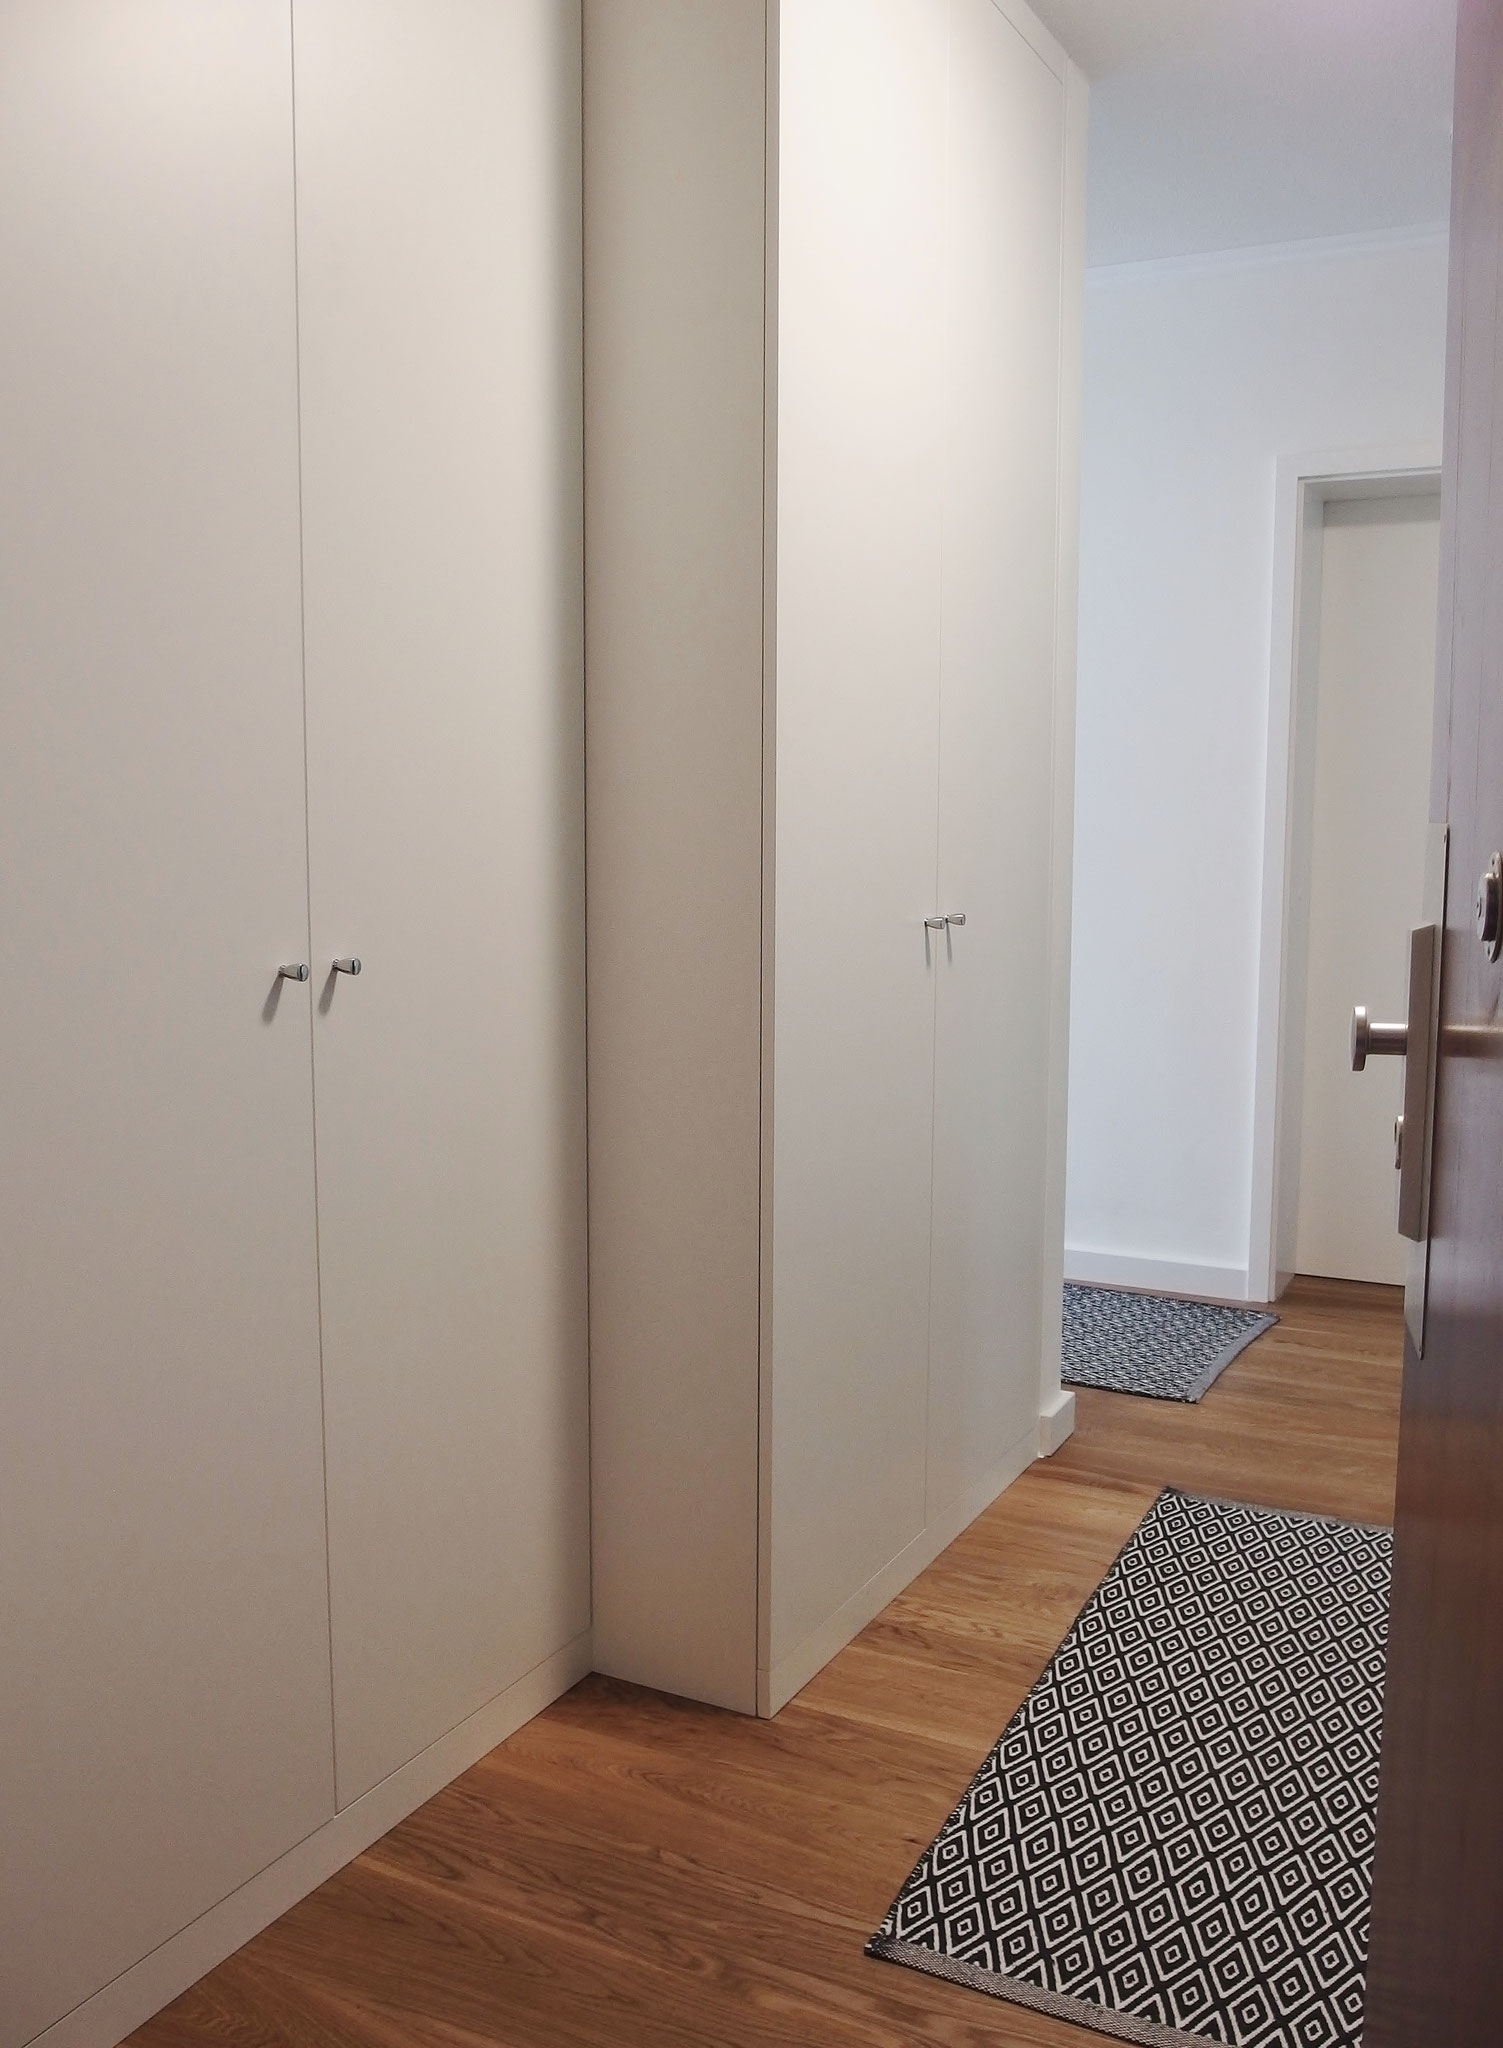 gestufter Garderobenschrank im Eingangsbereich